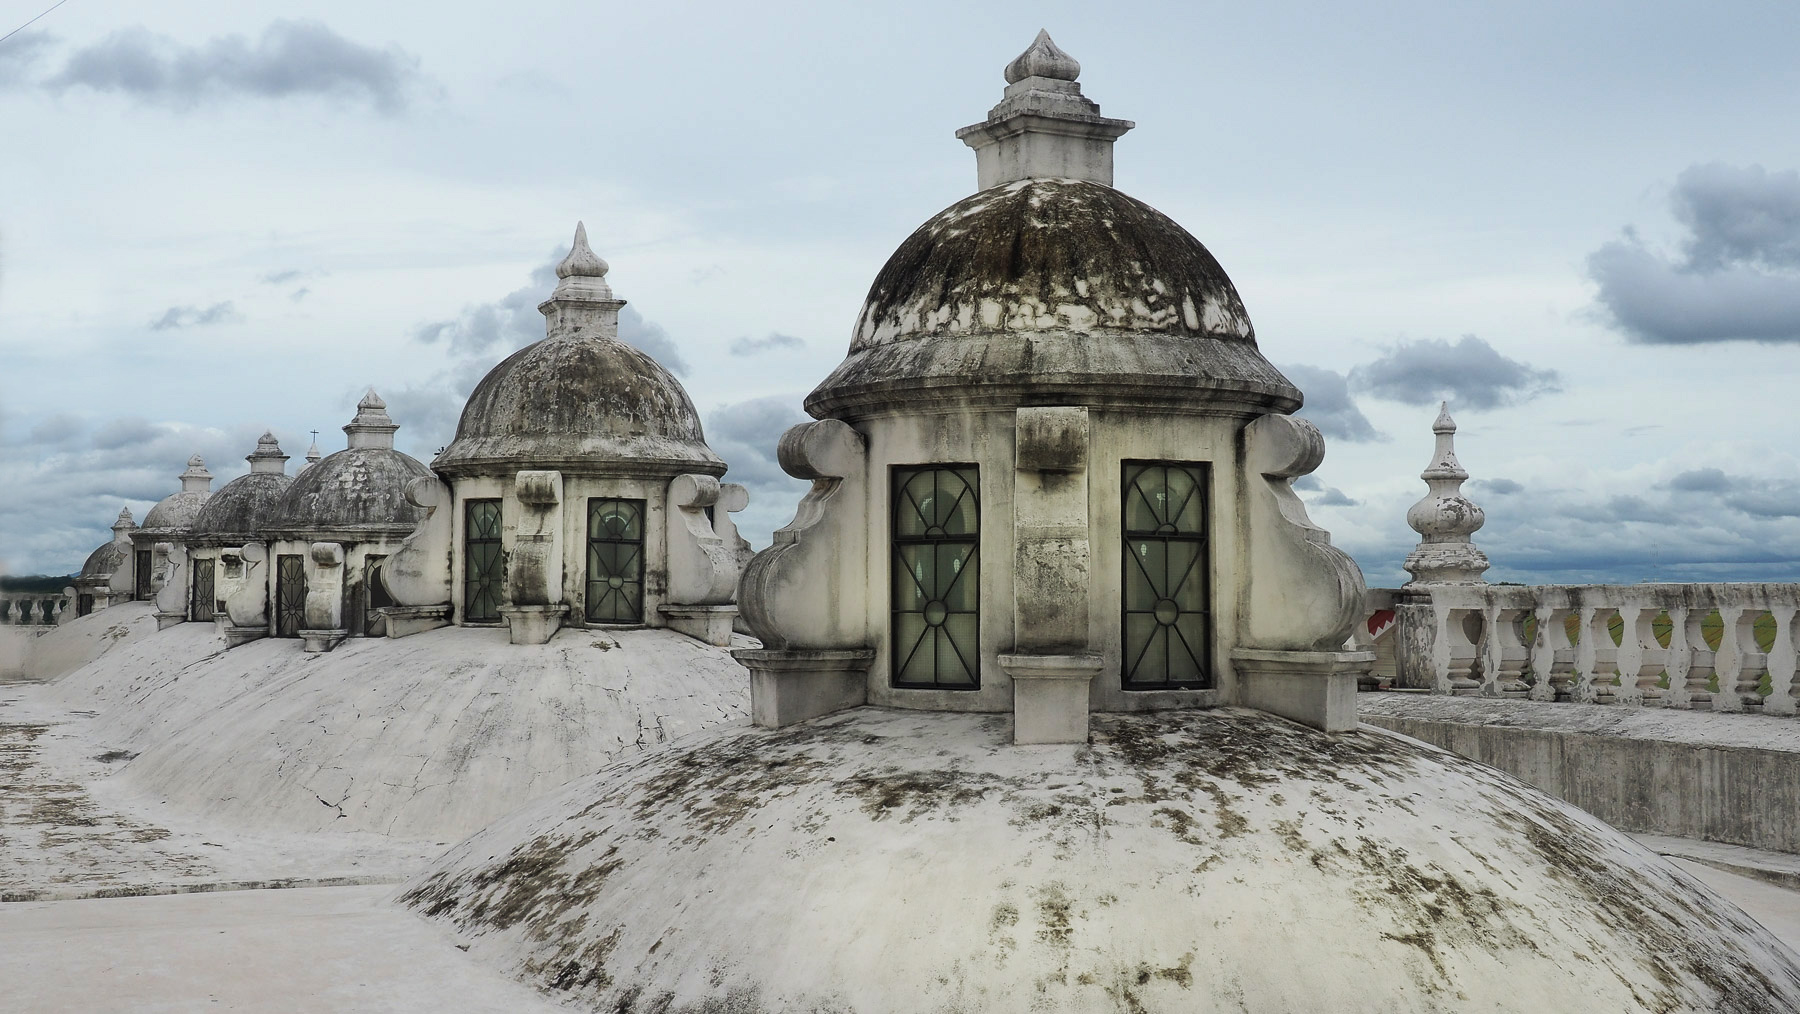 Nicaragua: auf dem Dach der Kathedrale in Leon